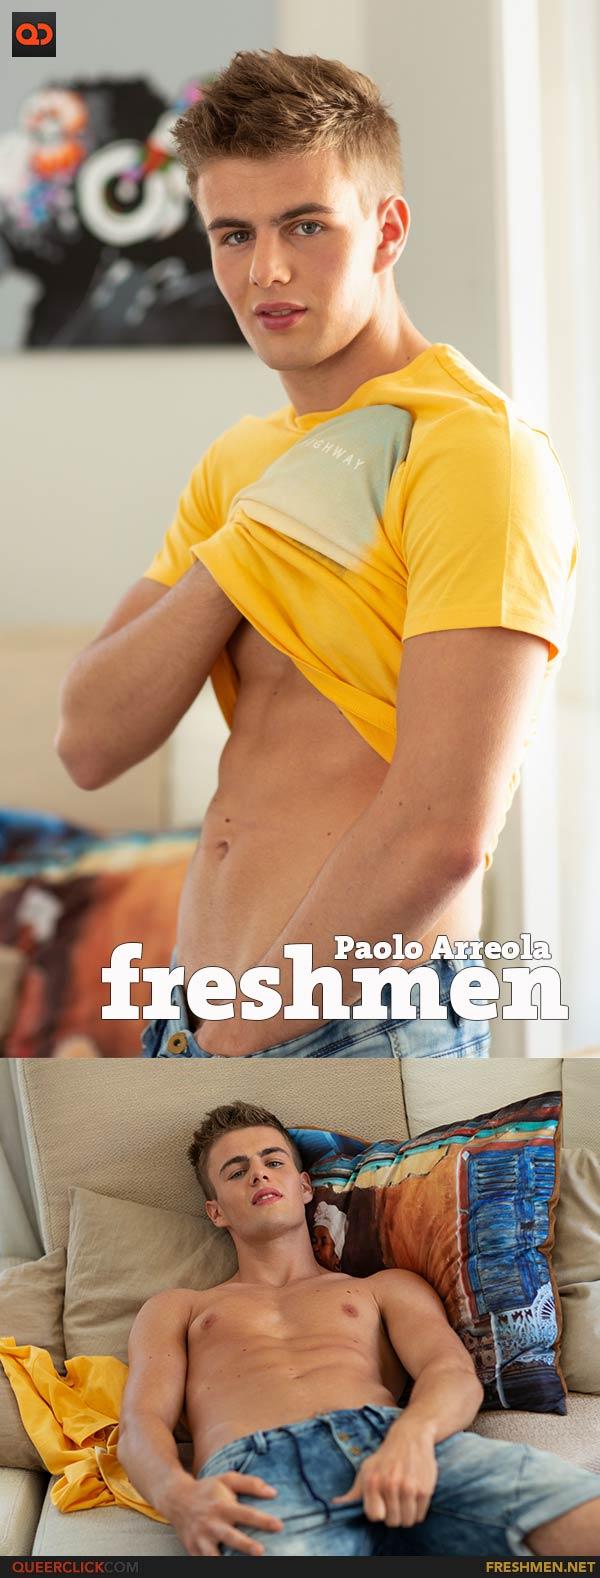 Freshmen: Paolo Arreola